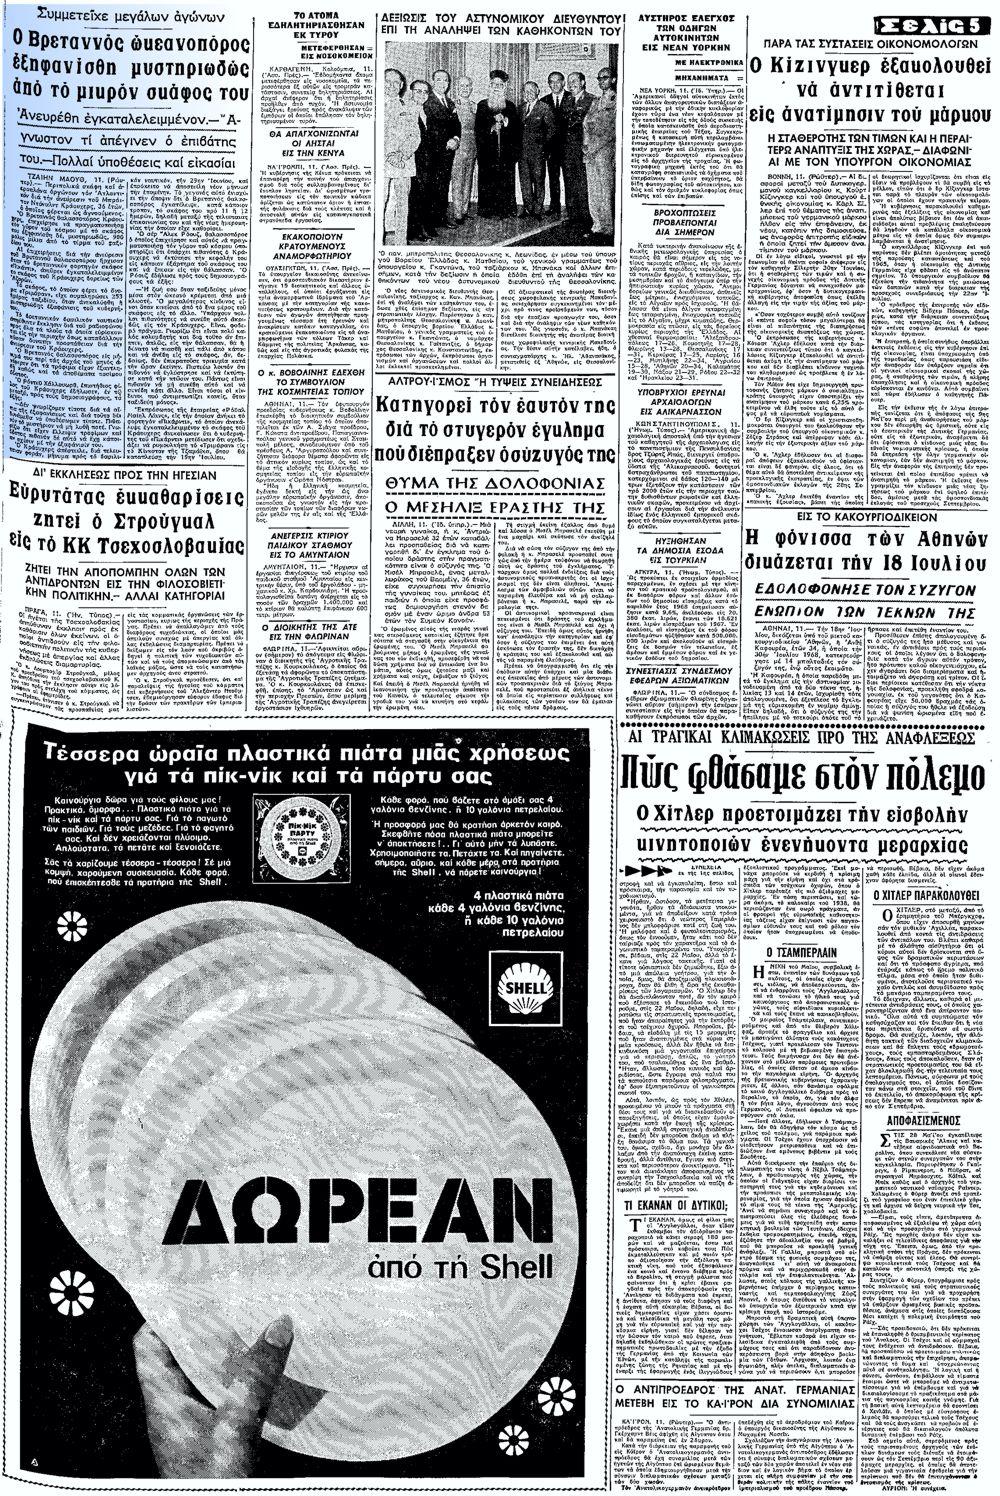 """Το άρθρο, όπως δημοσιεύθηκε στην εφημερίδα """"ΜΑΚΕΔΟΝΙΑ"""", στις 12/07/1969"""